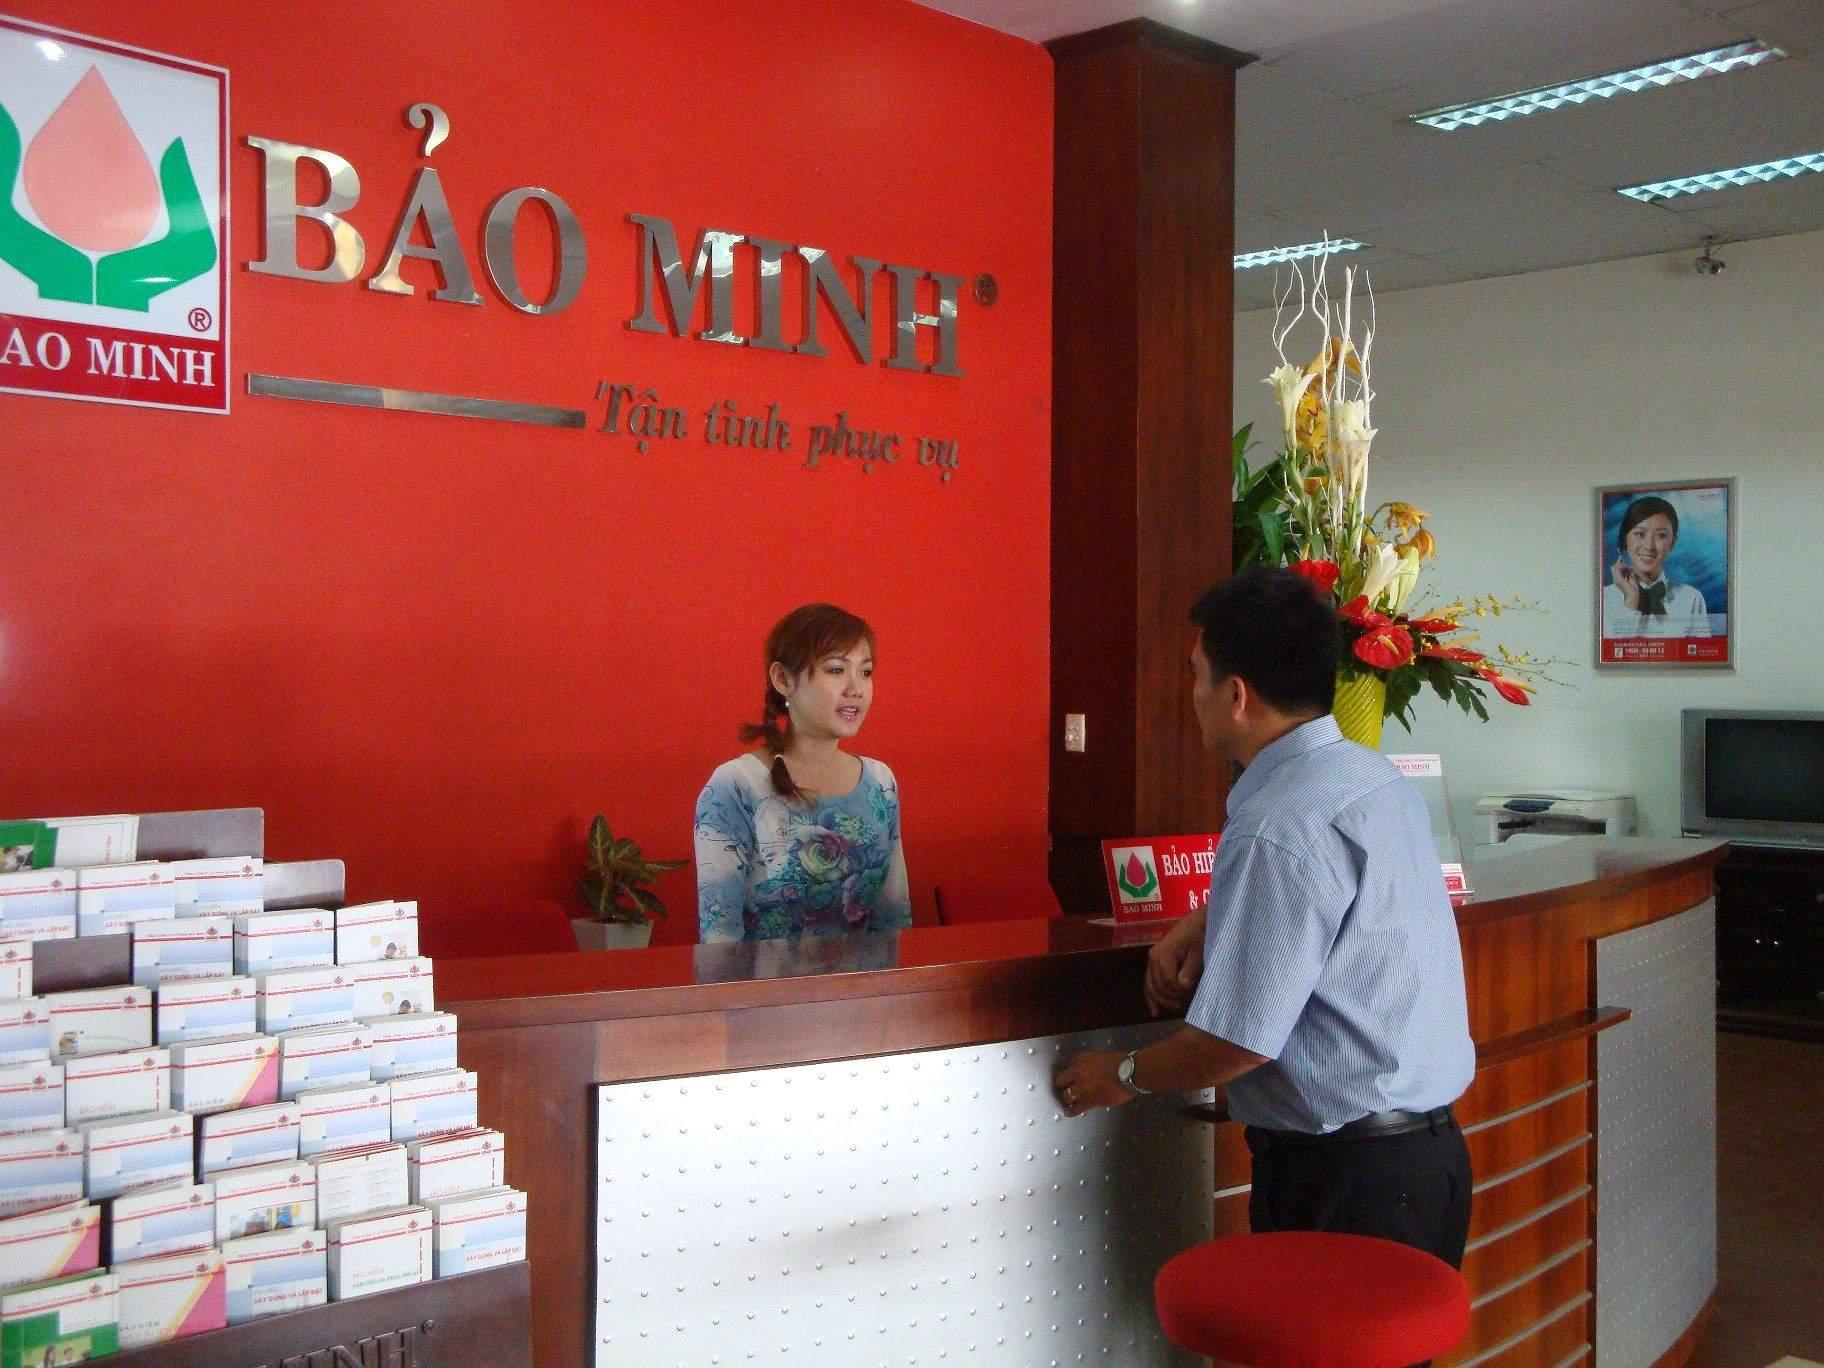 Mua bảo hiểm y tế Bảo Minh để an tâm tận hưởng cuộc sống.